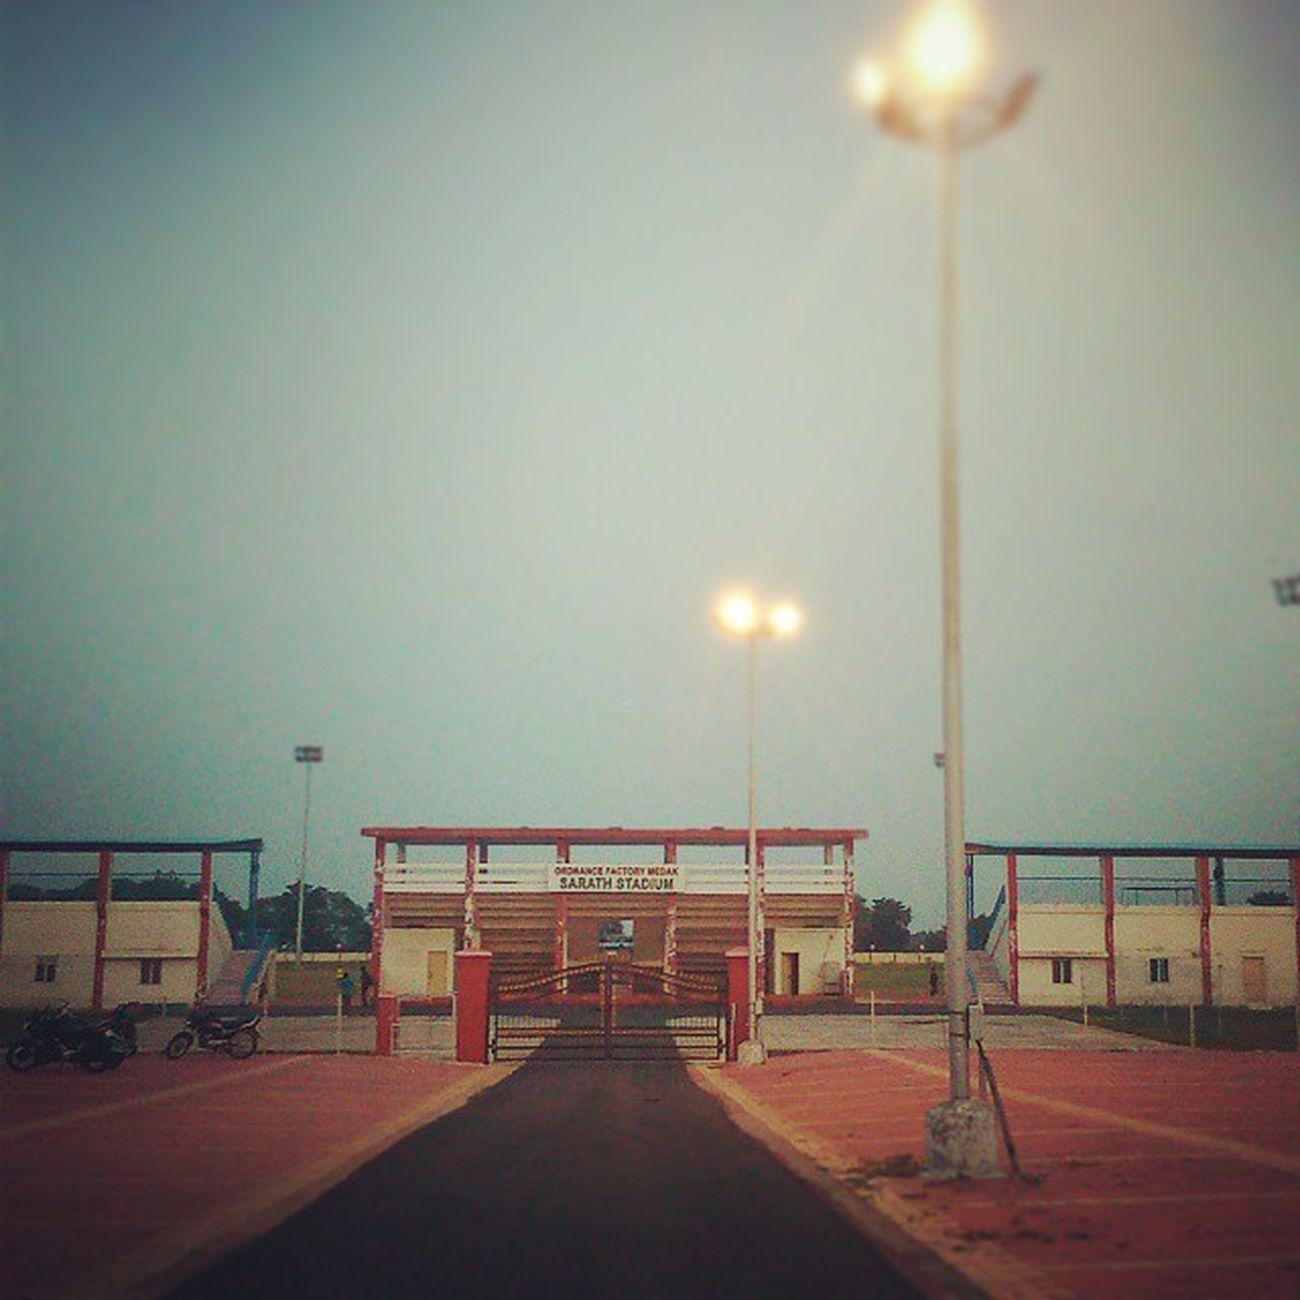 Sarath_stadium Evening ODF Estate